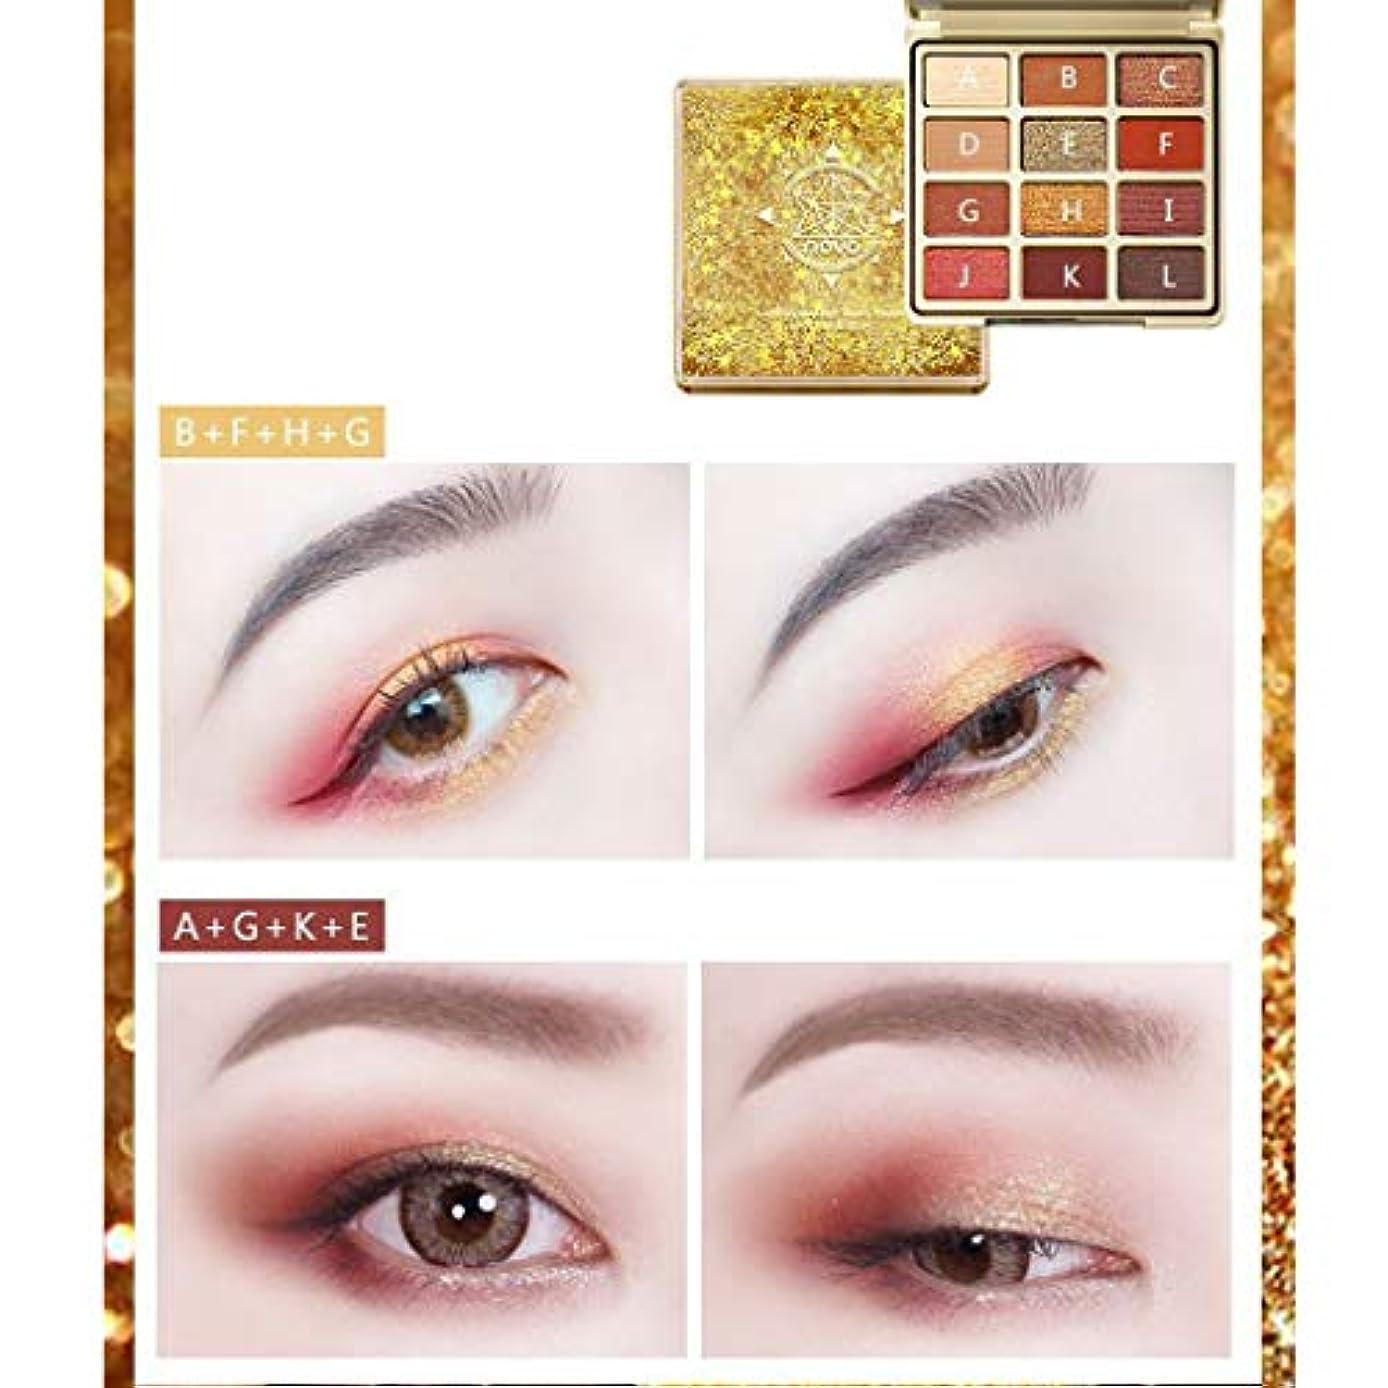 フェロー諸島秋頑固なAkane アイシャドウパレット Novo ファッション INS 人気 超綺麗 美しい キラキラ 優雅な 防水 魅力的 高級 可愛い 持ち便利 日常 Eye Shadow (12色) 103